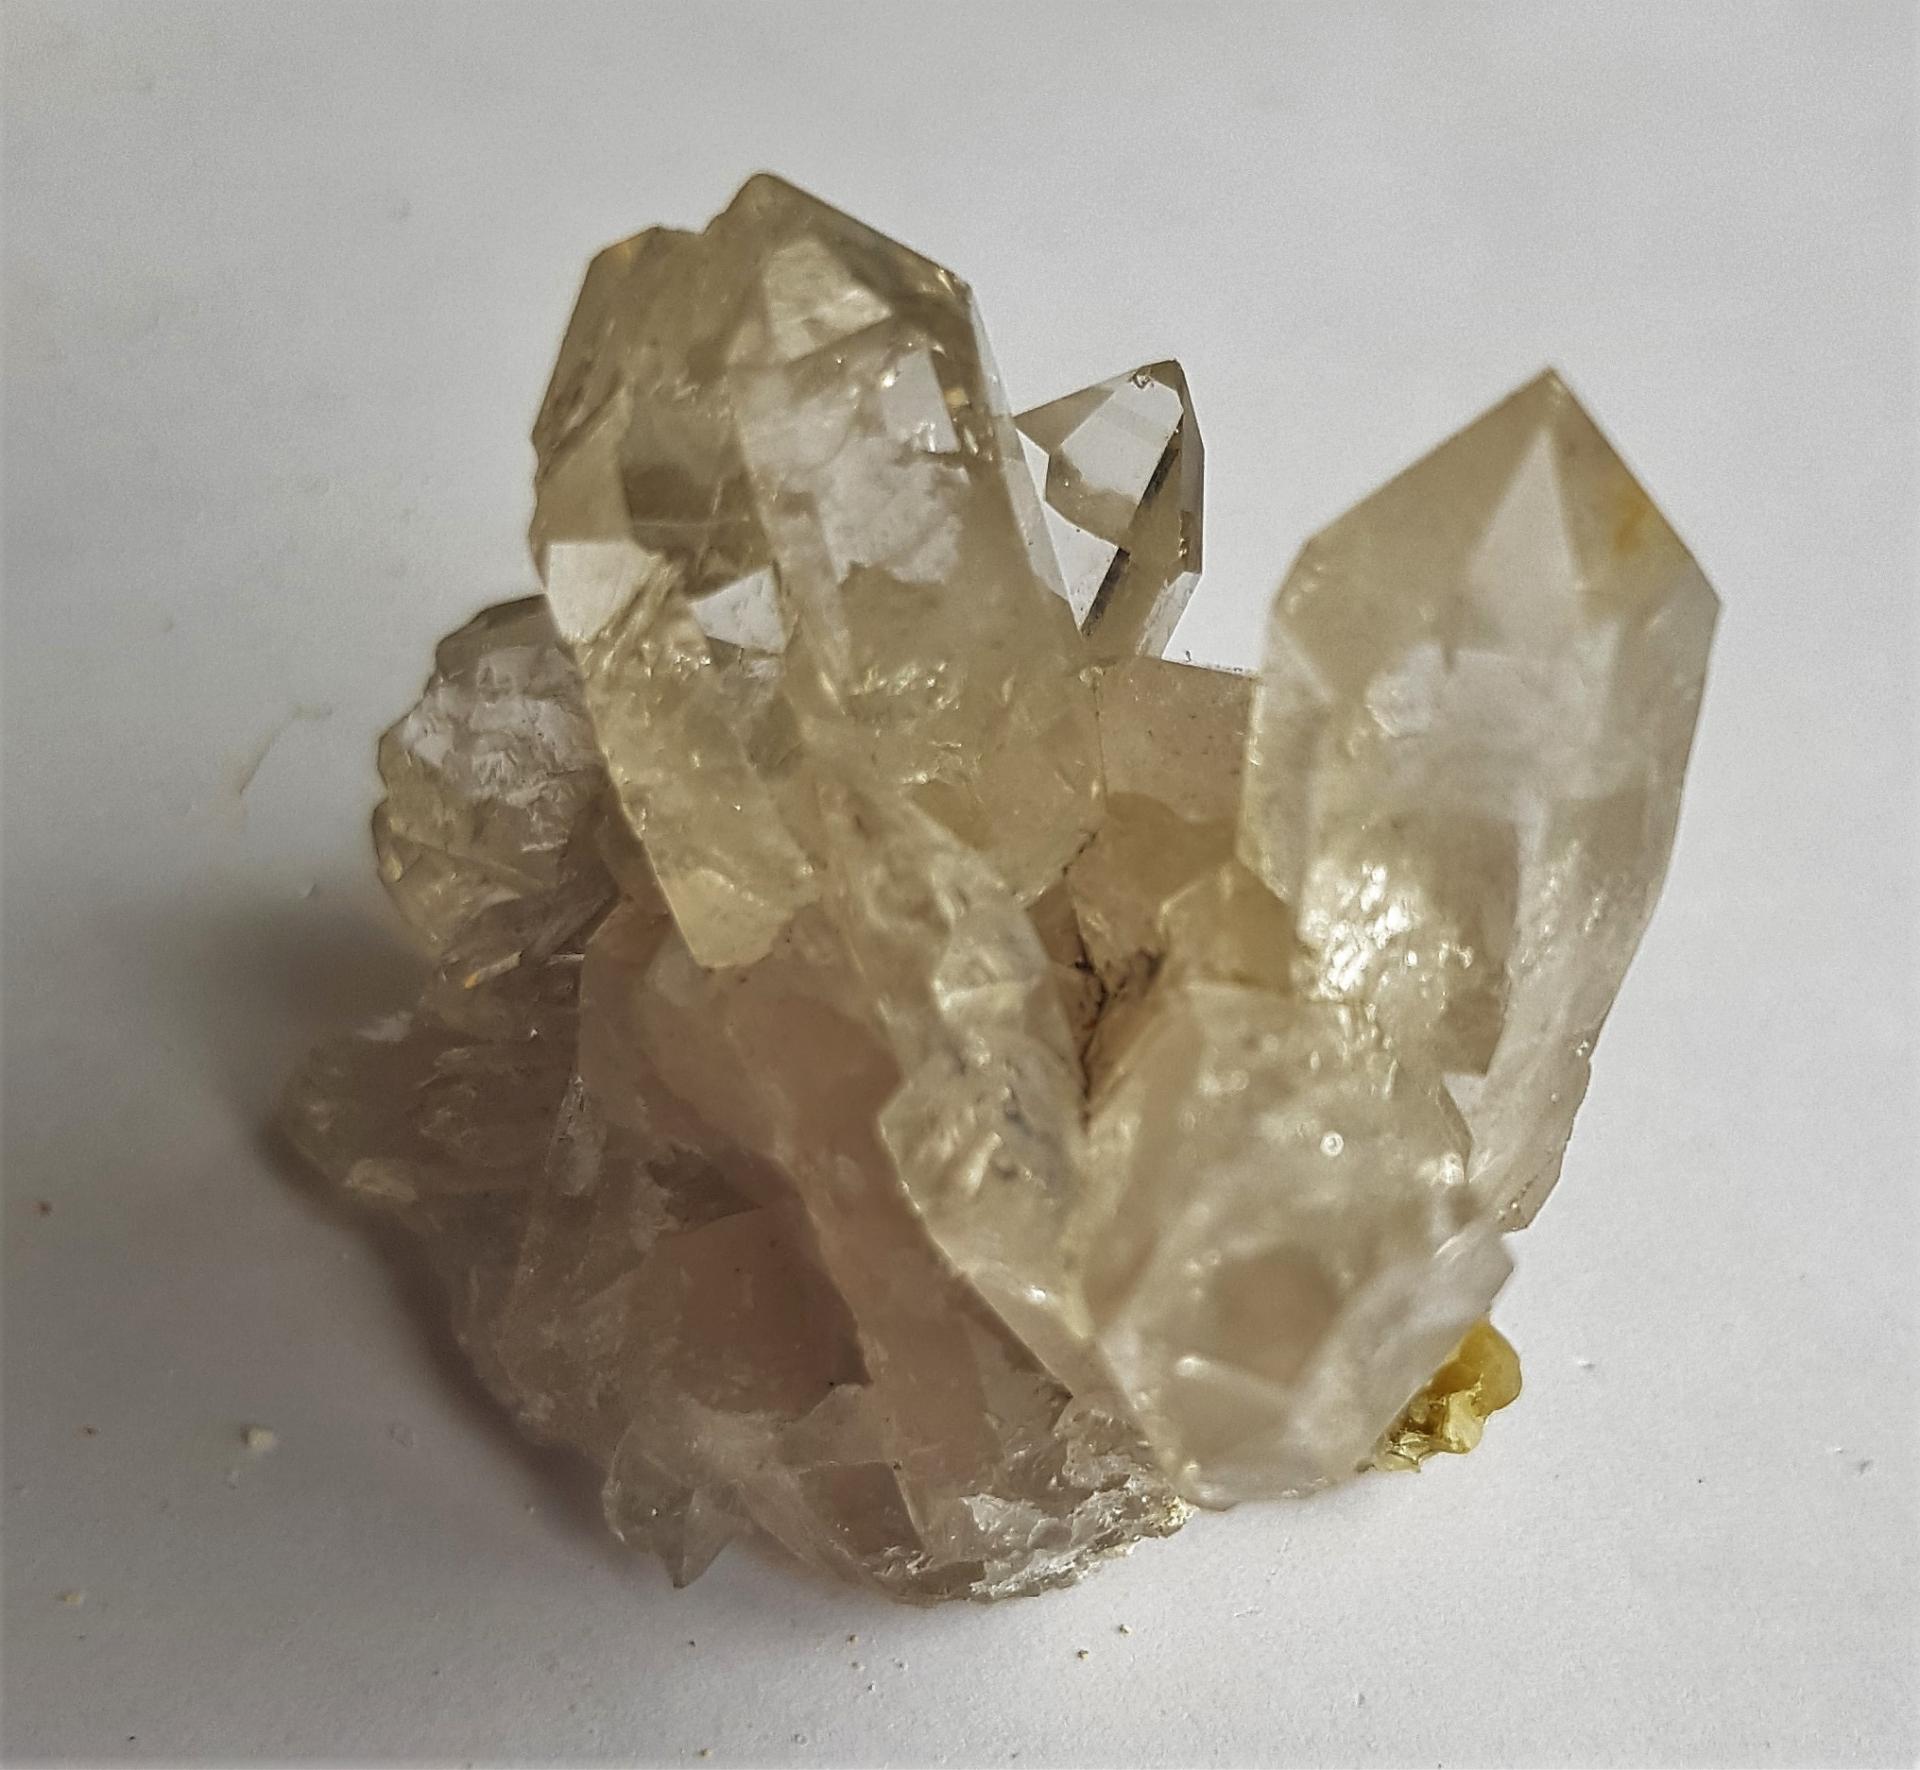 Cristal de roche vaujanie 33